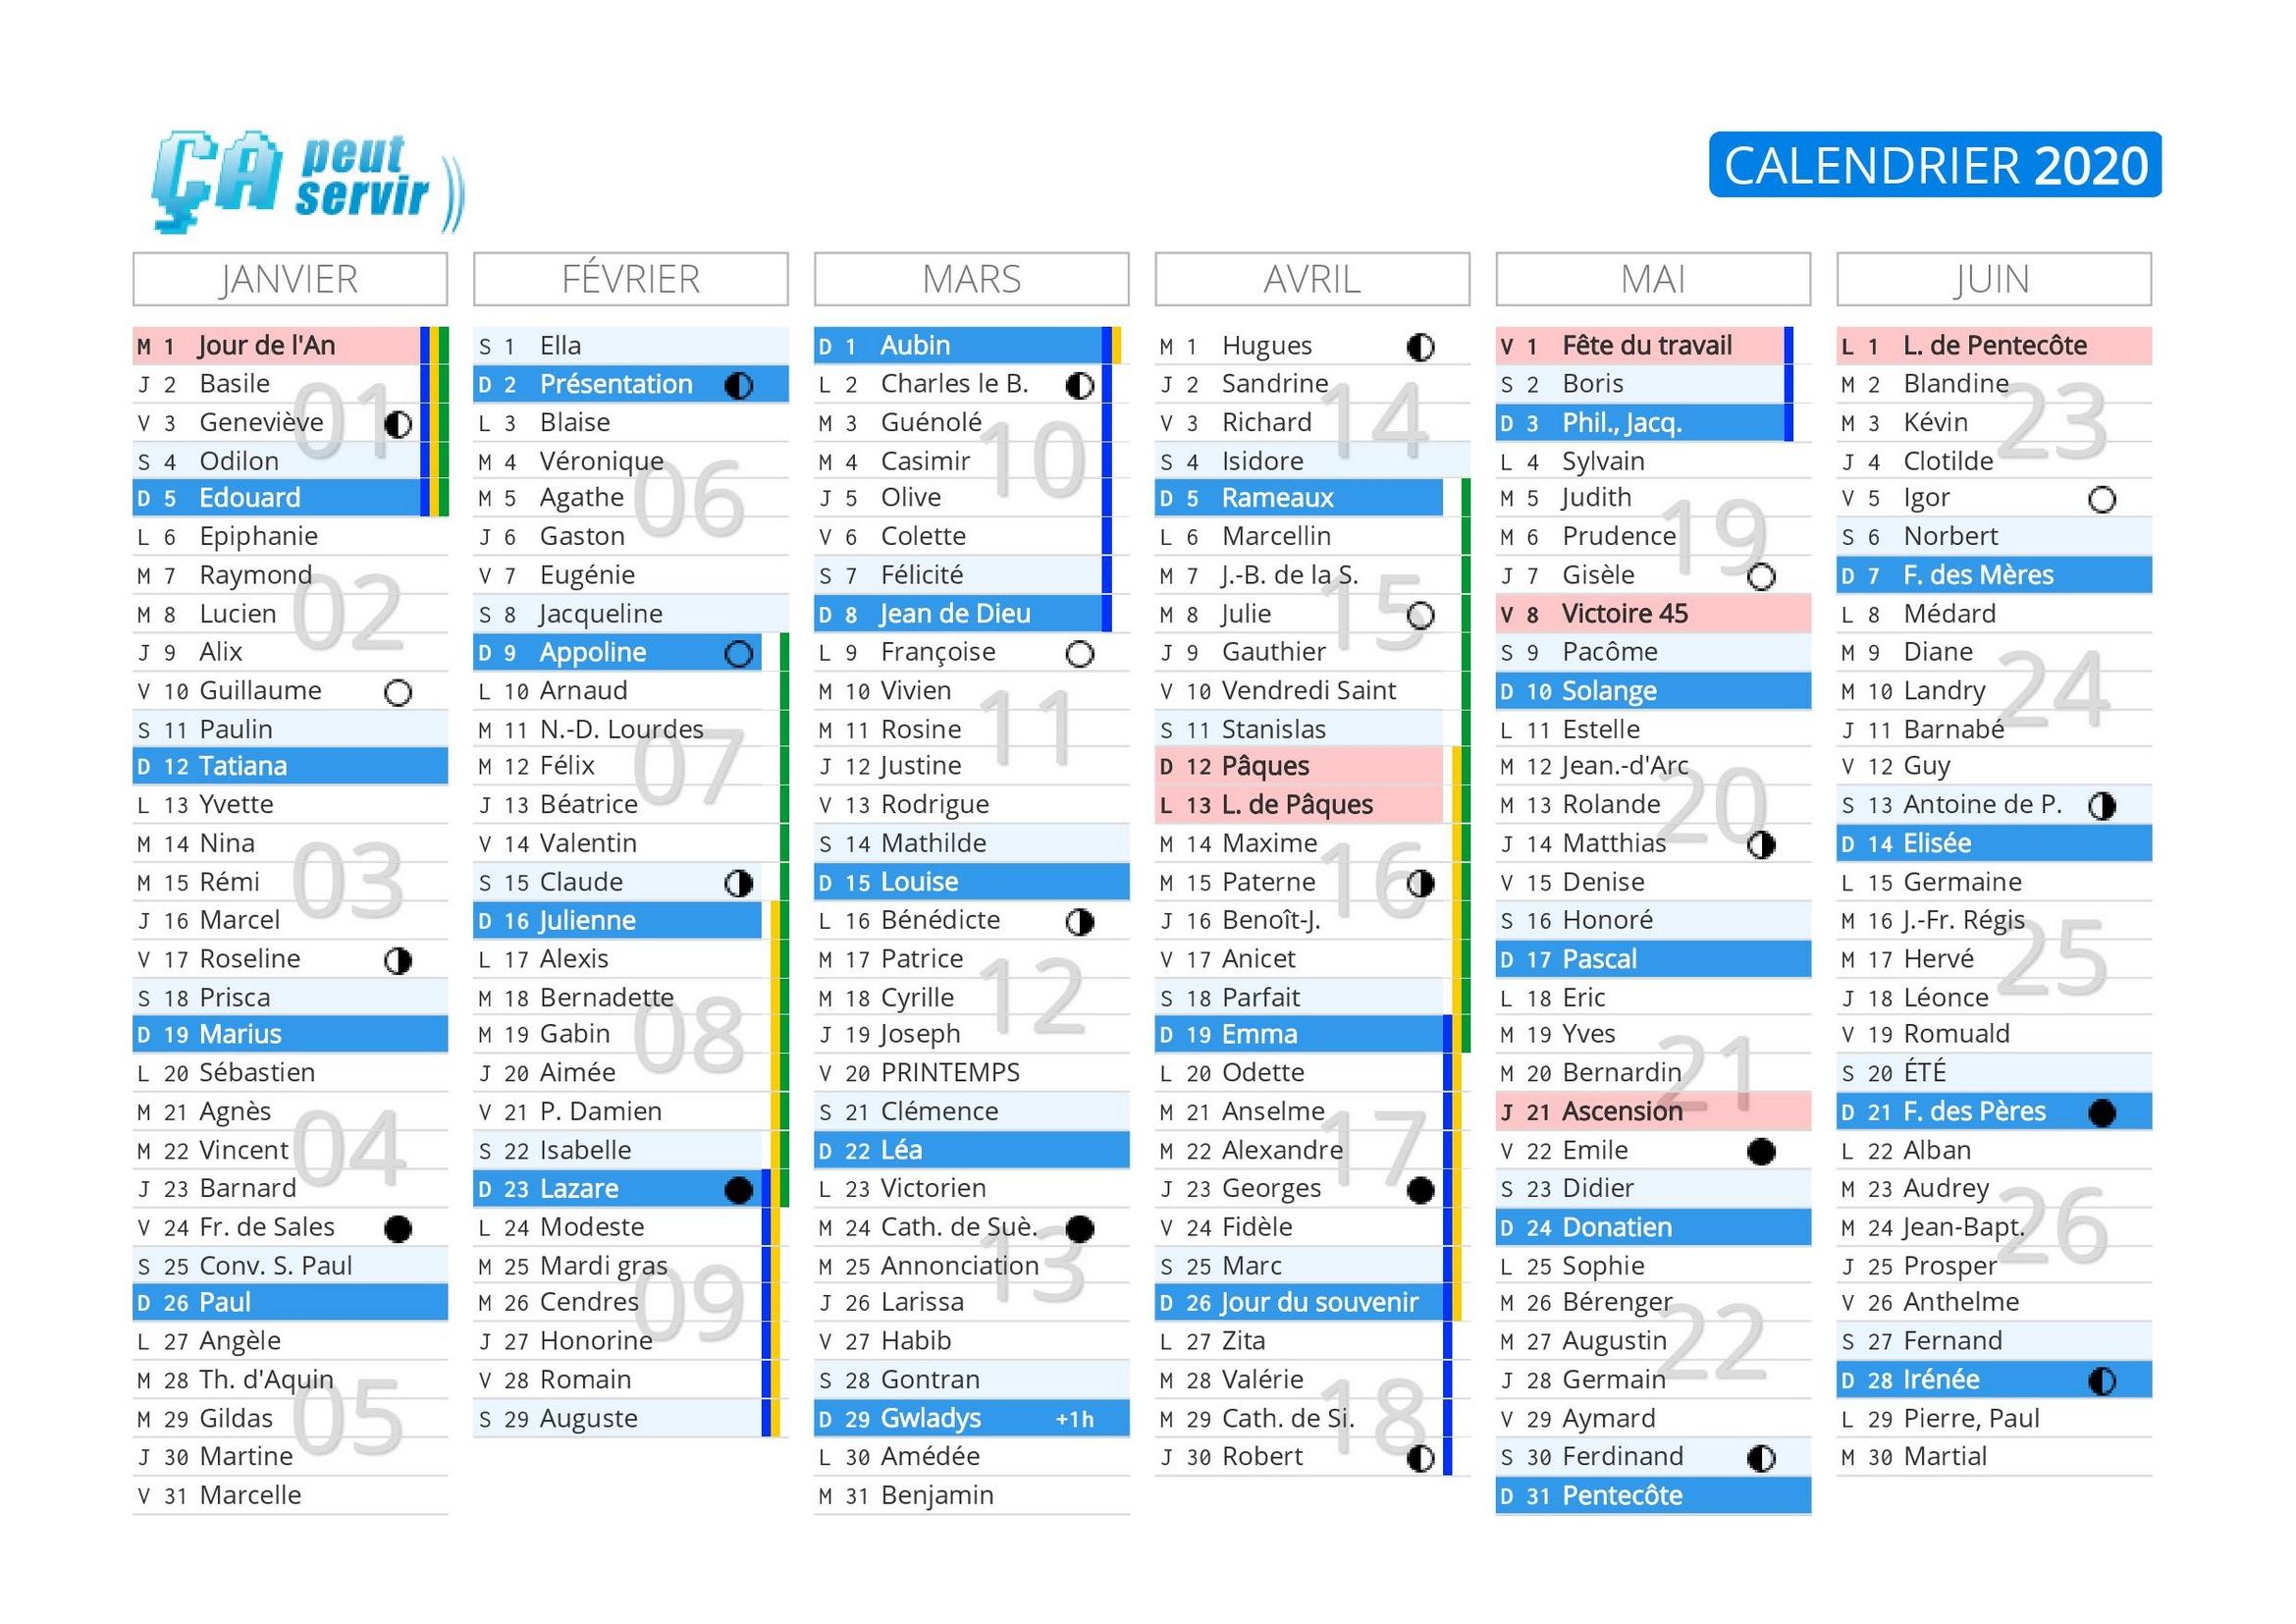 Calendrier 2021 Ca Peut Servir Calendrier 2020 à imprimer : Jours fériés   vacances   Calendriers